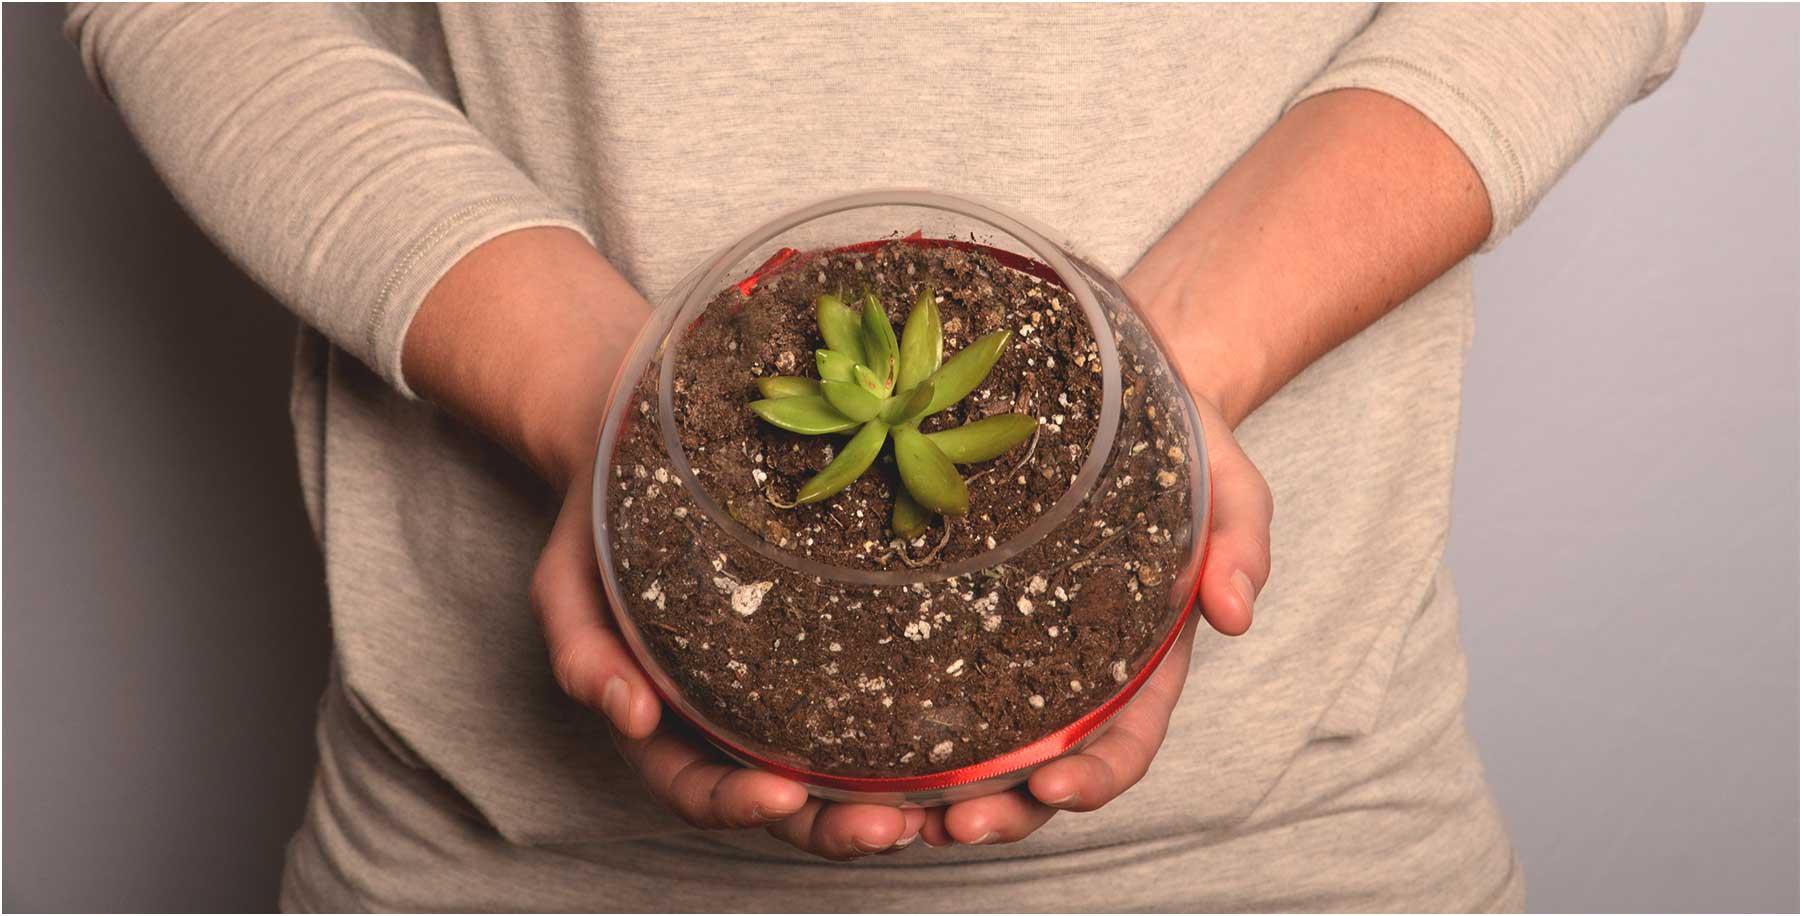 Plante qui représente l'écologie